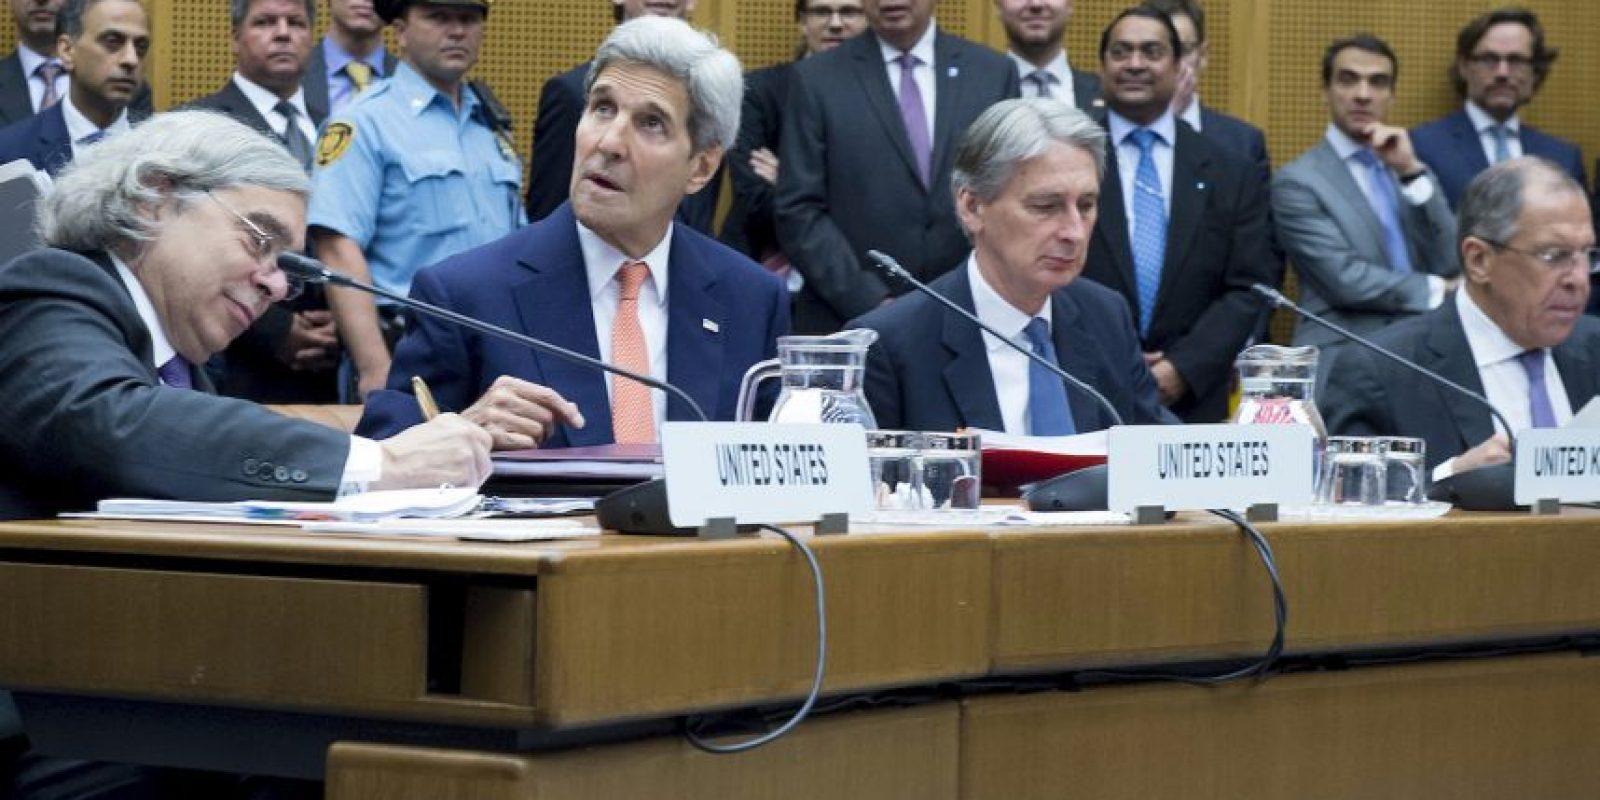 """6. Gracias a este acuerdo, la comunidad internacional podrá verificar que Irán no desarrolla un arma nuclear"""", agregó Obama en su mensaje. Foto:AP"""